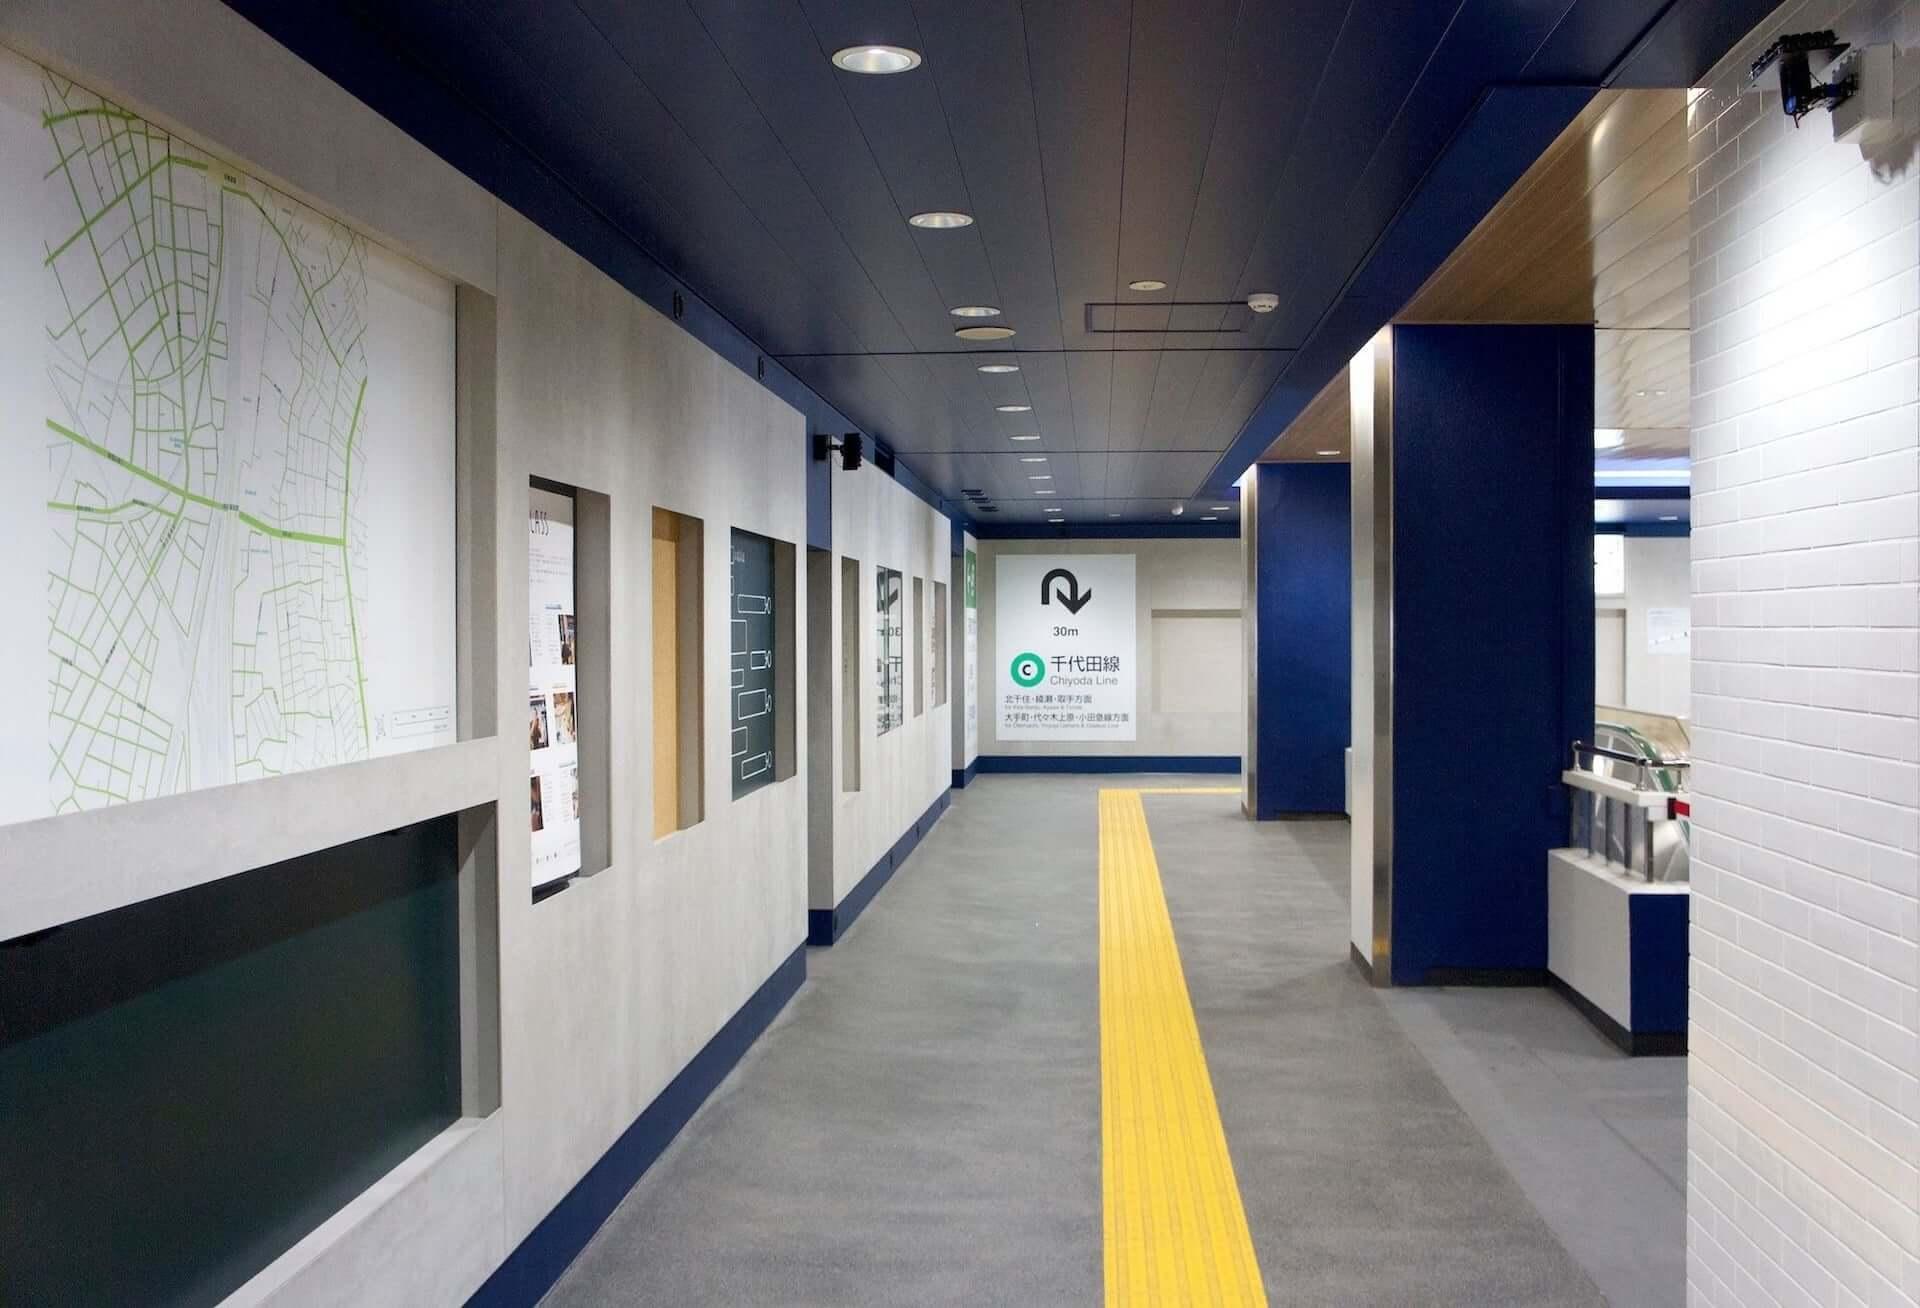 及川潤耶の手掛けるサウンドアート『呼吸する駅』がJR西日暮里駅に登場!東京感動線とのコラボレーション|本人コメントも到着 art200525_sonifidea_1-1920x1308